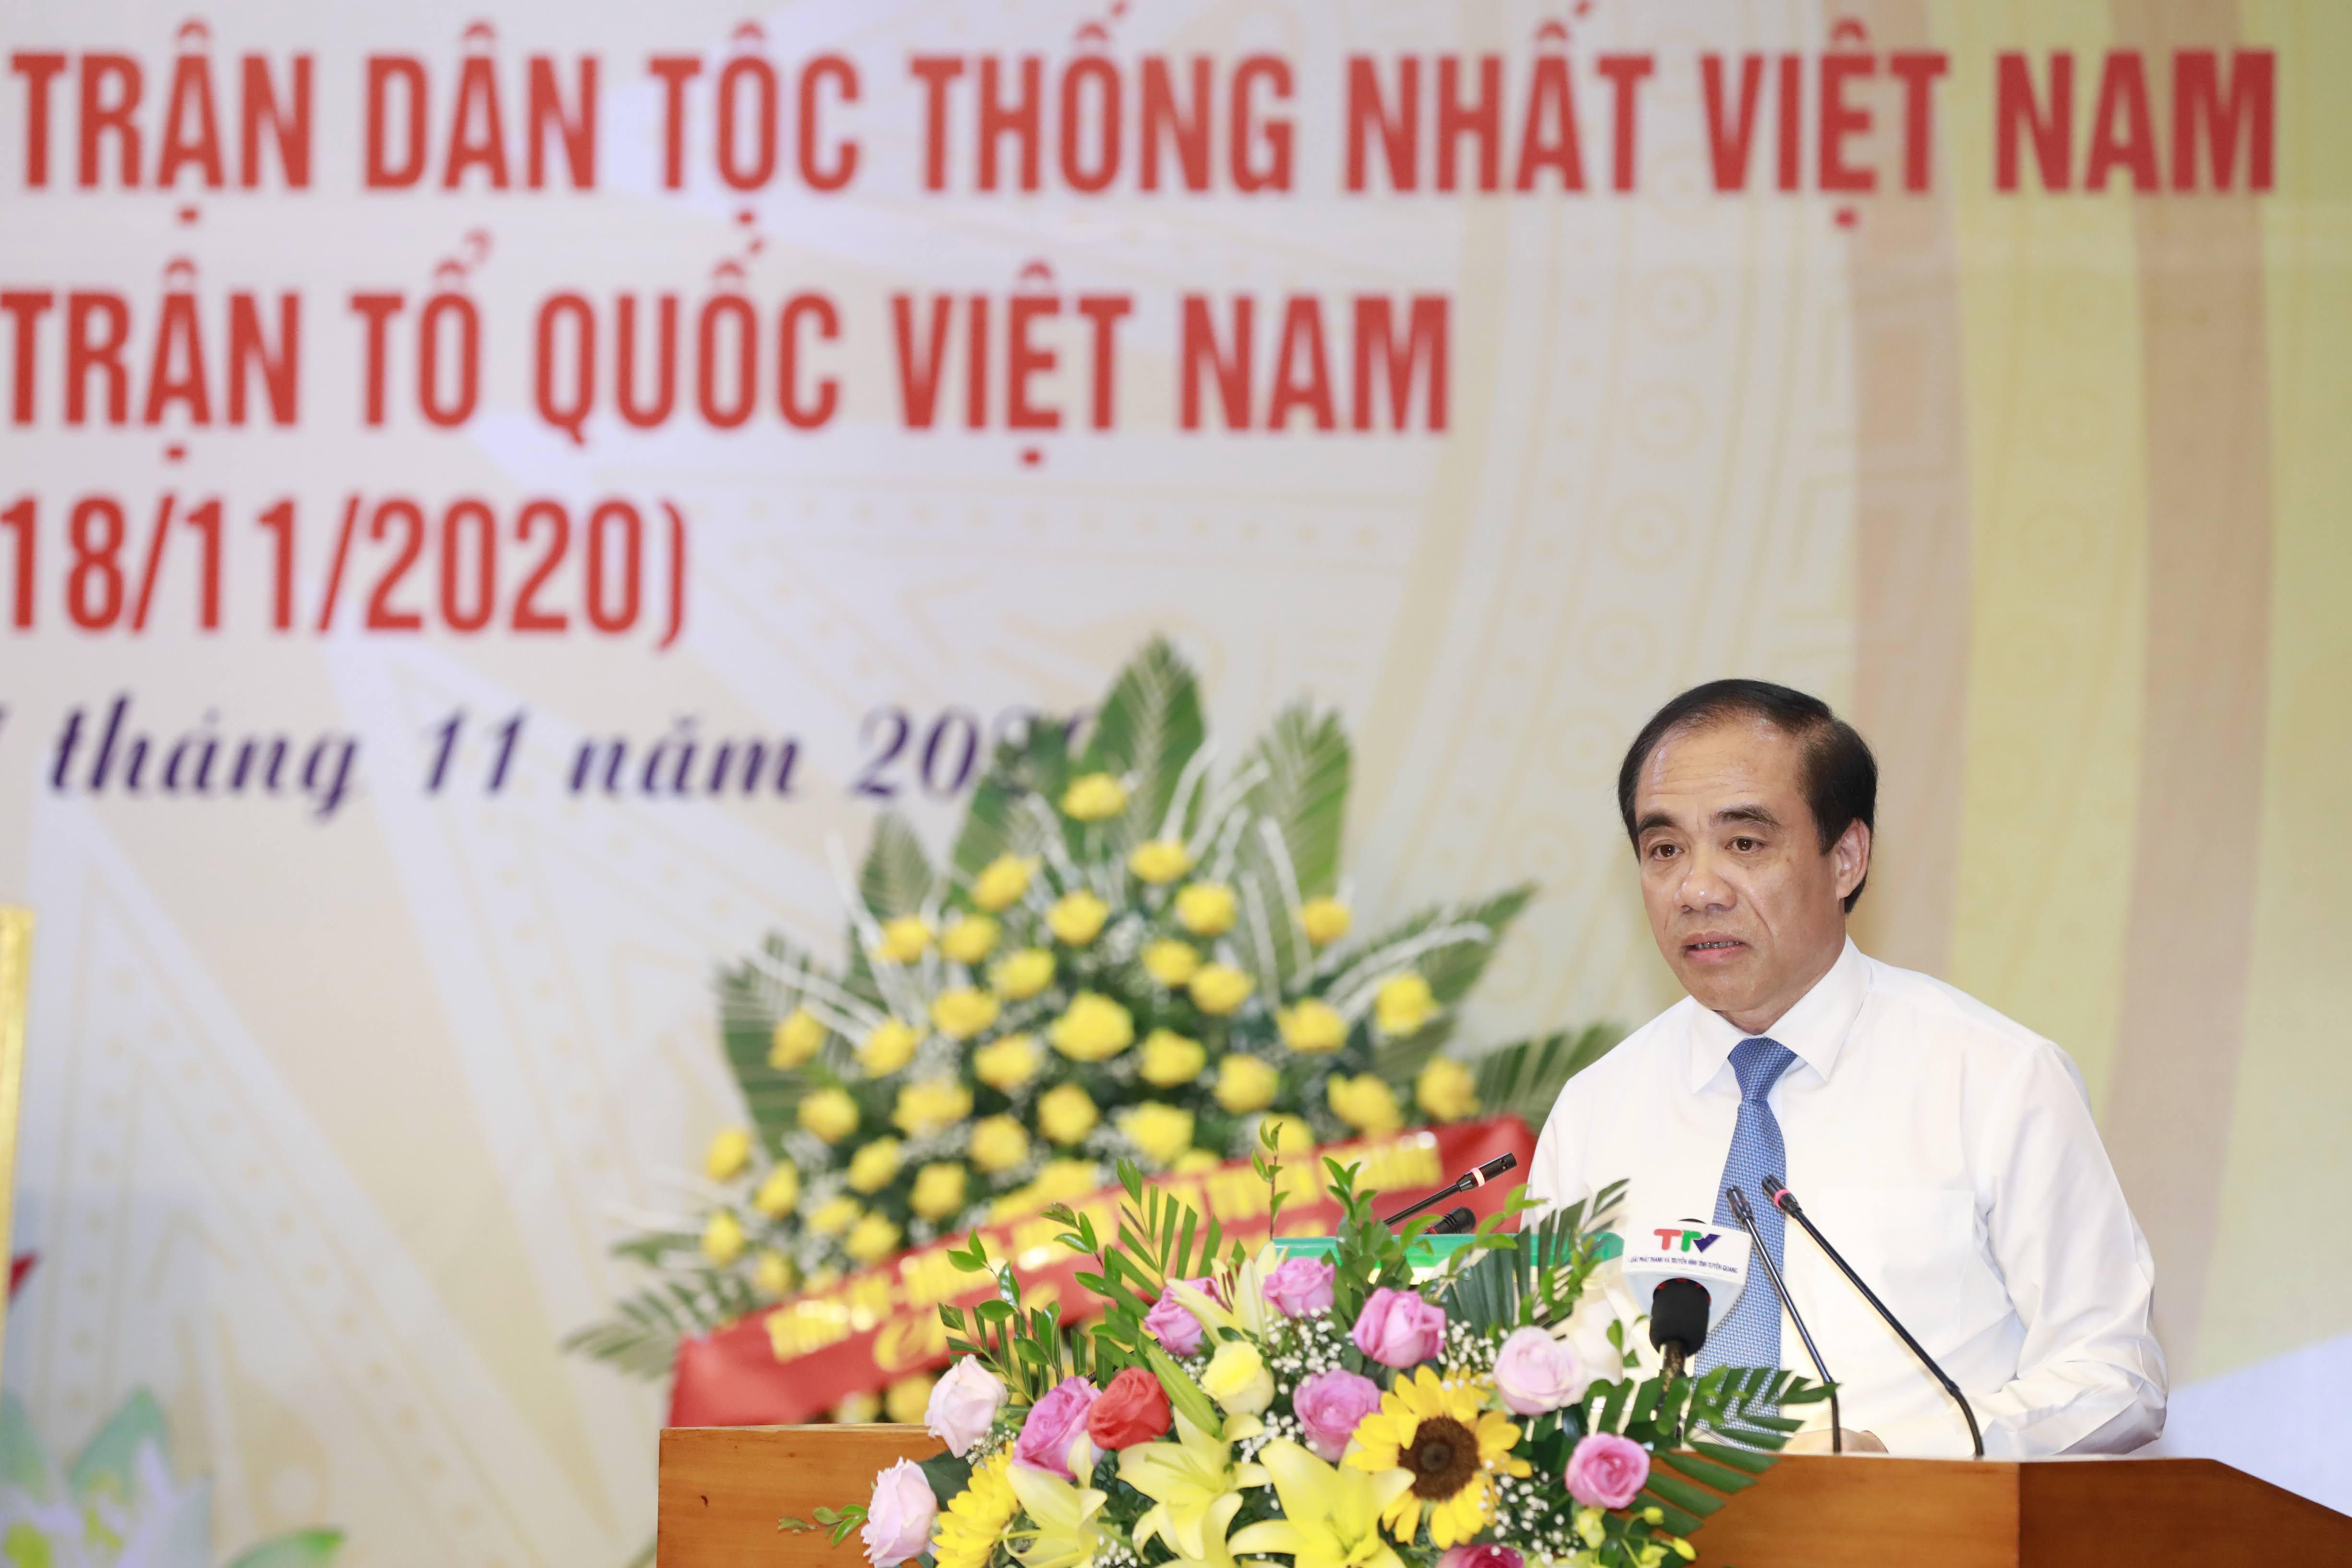 Bí thư Tỉnhủy Tuyên Quang Chẩu Văn Lâm phát biểu tại Lễ kỷ niệm.